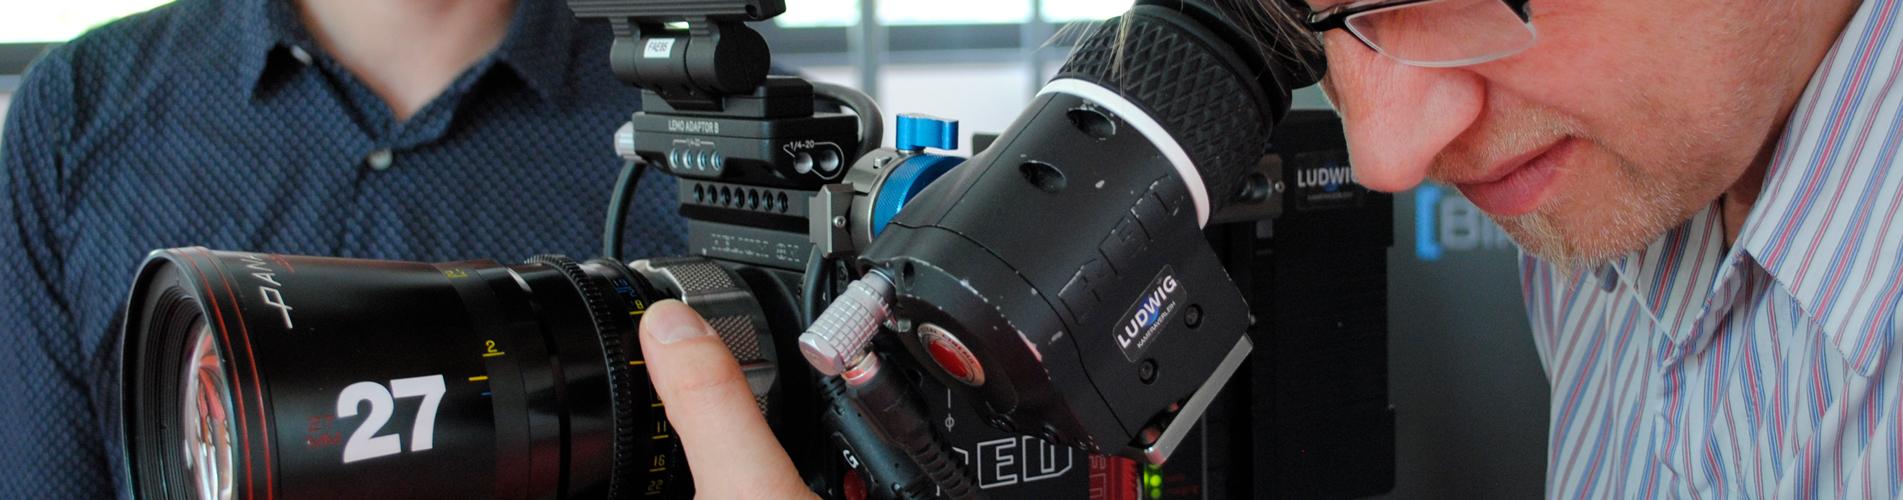 Bild zum Motto: Eventfilm des FILMVERBAND SACHSEN